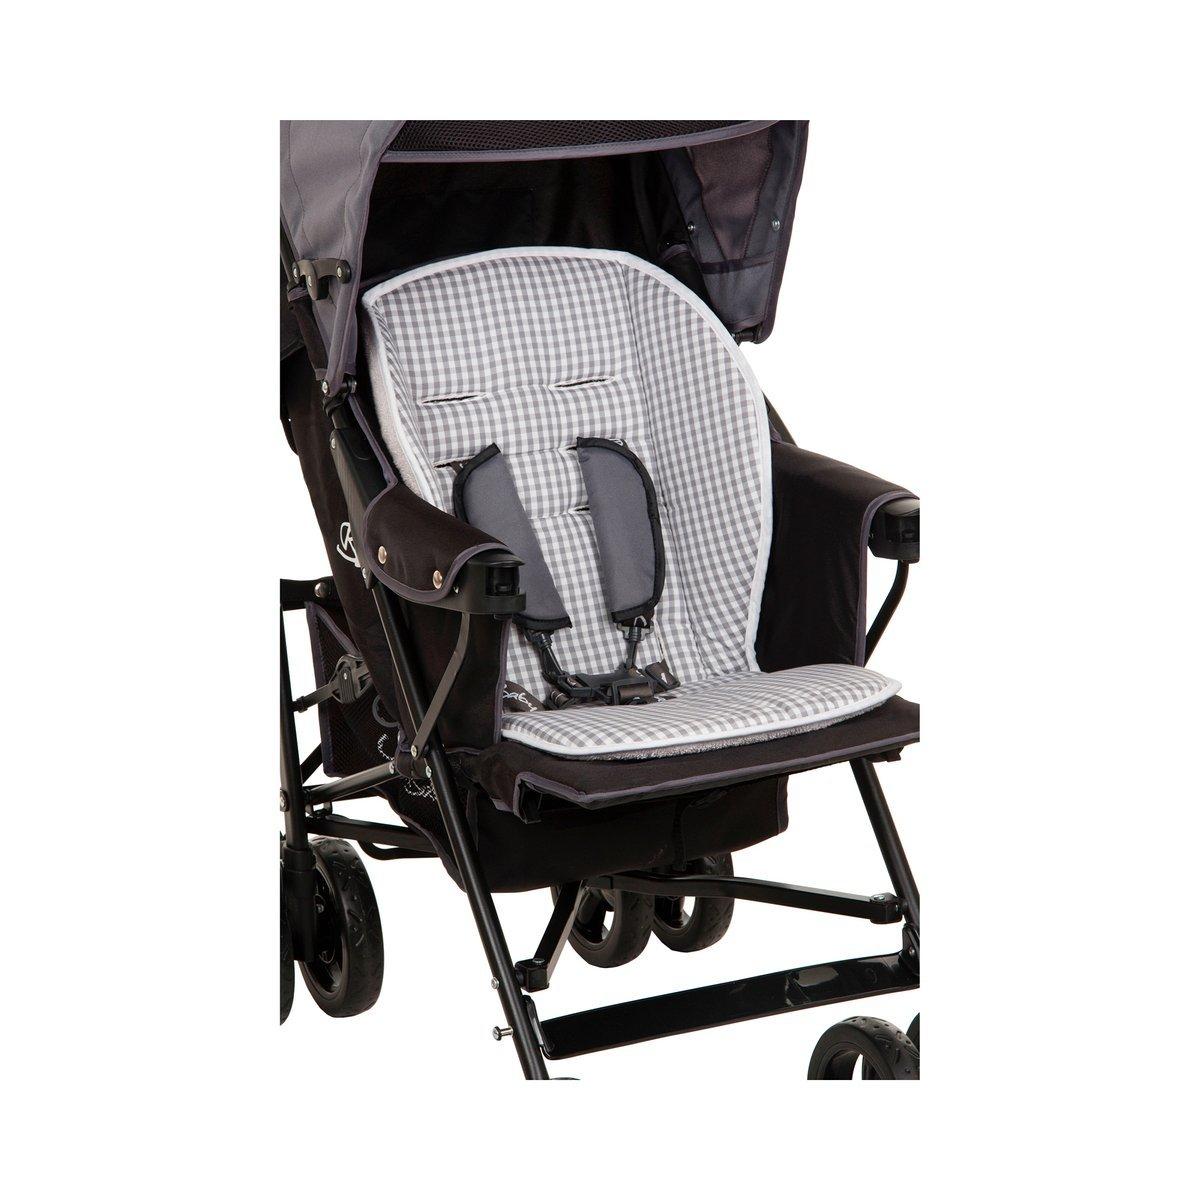 Babycab Sitzauflage Mia Lux/Wendeauflage Sportwagen/Buggy / Memory-Schaum/grau karo